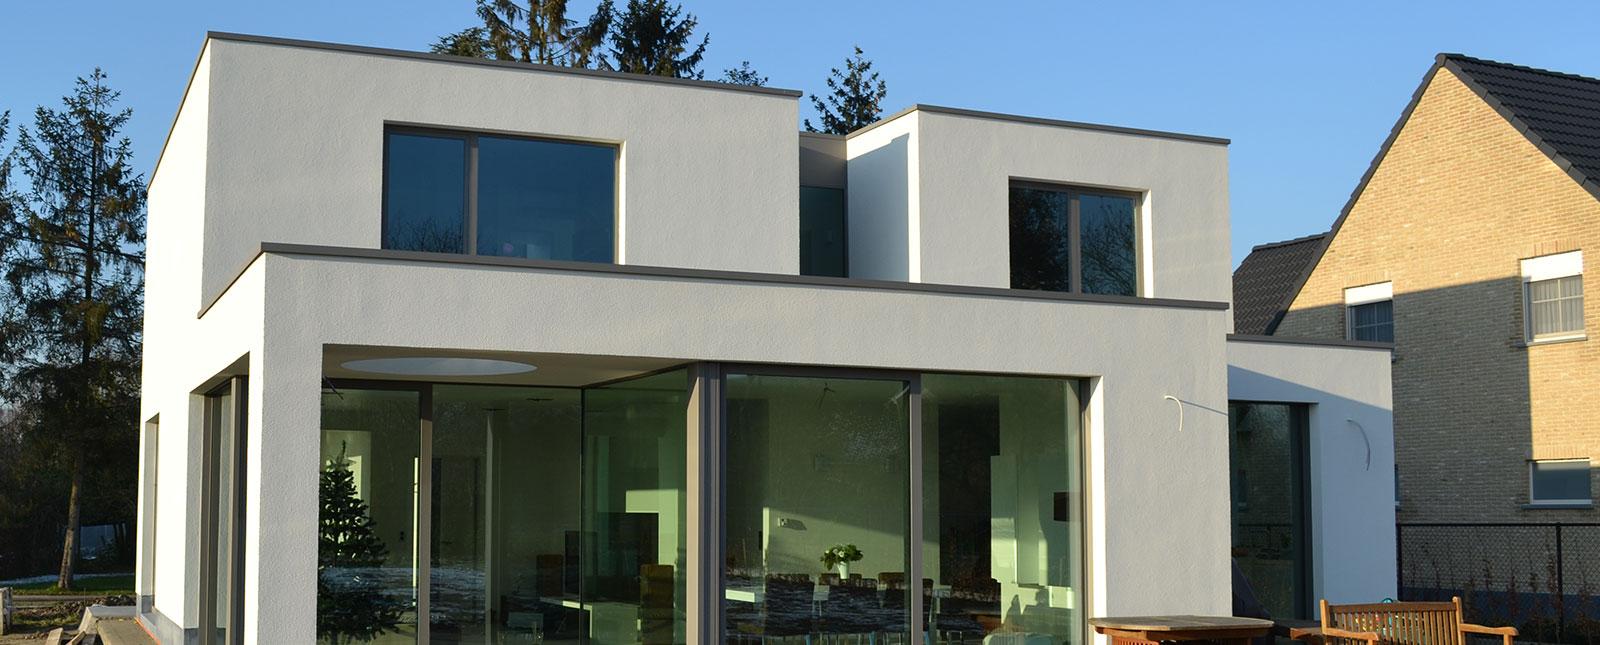 Roofix platte daken